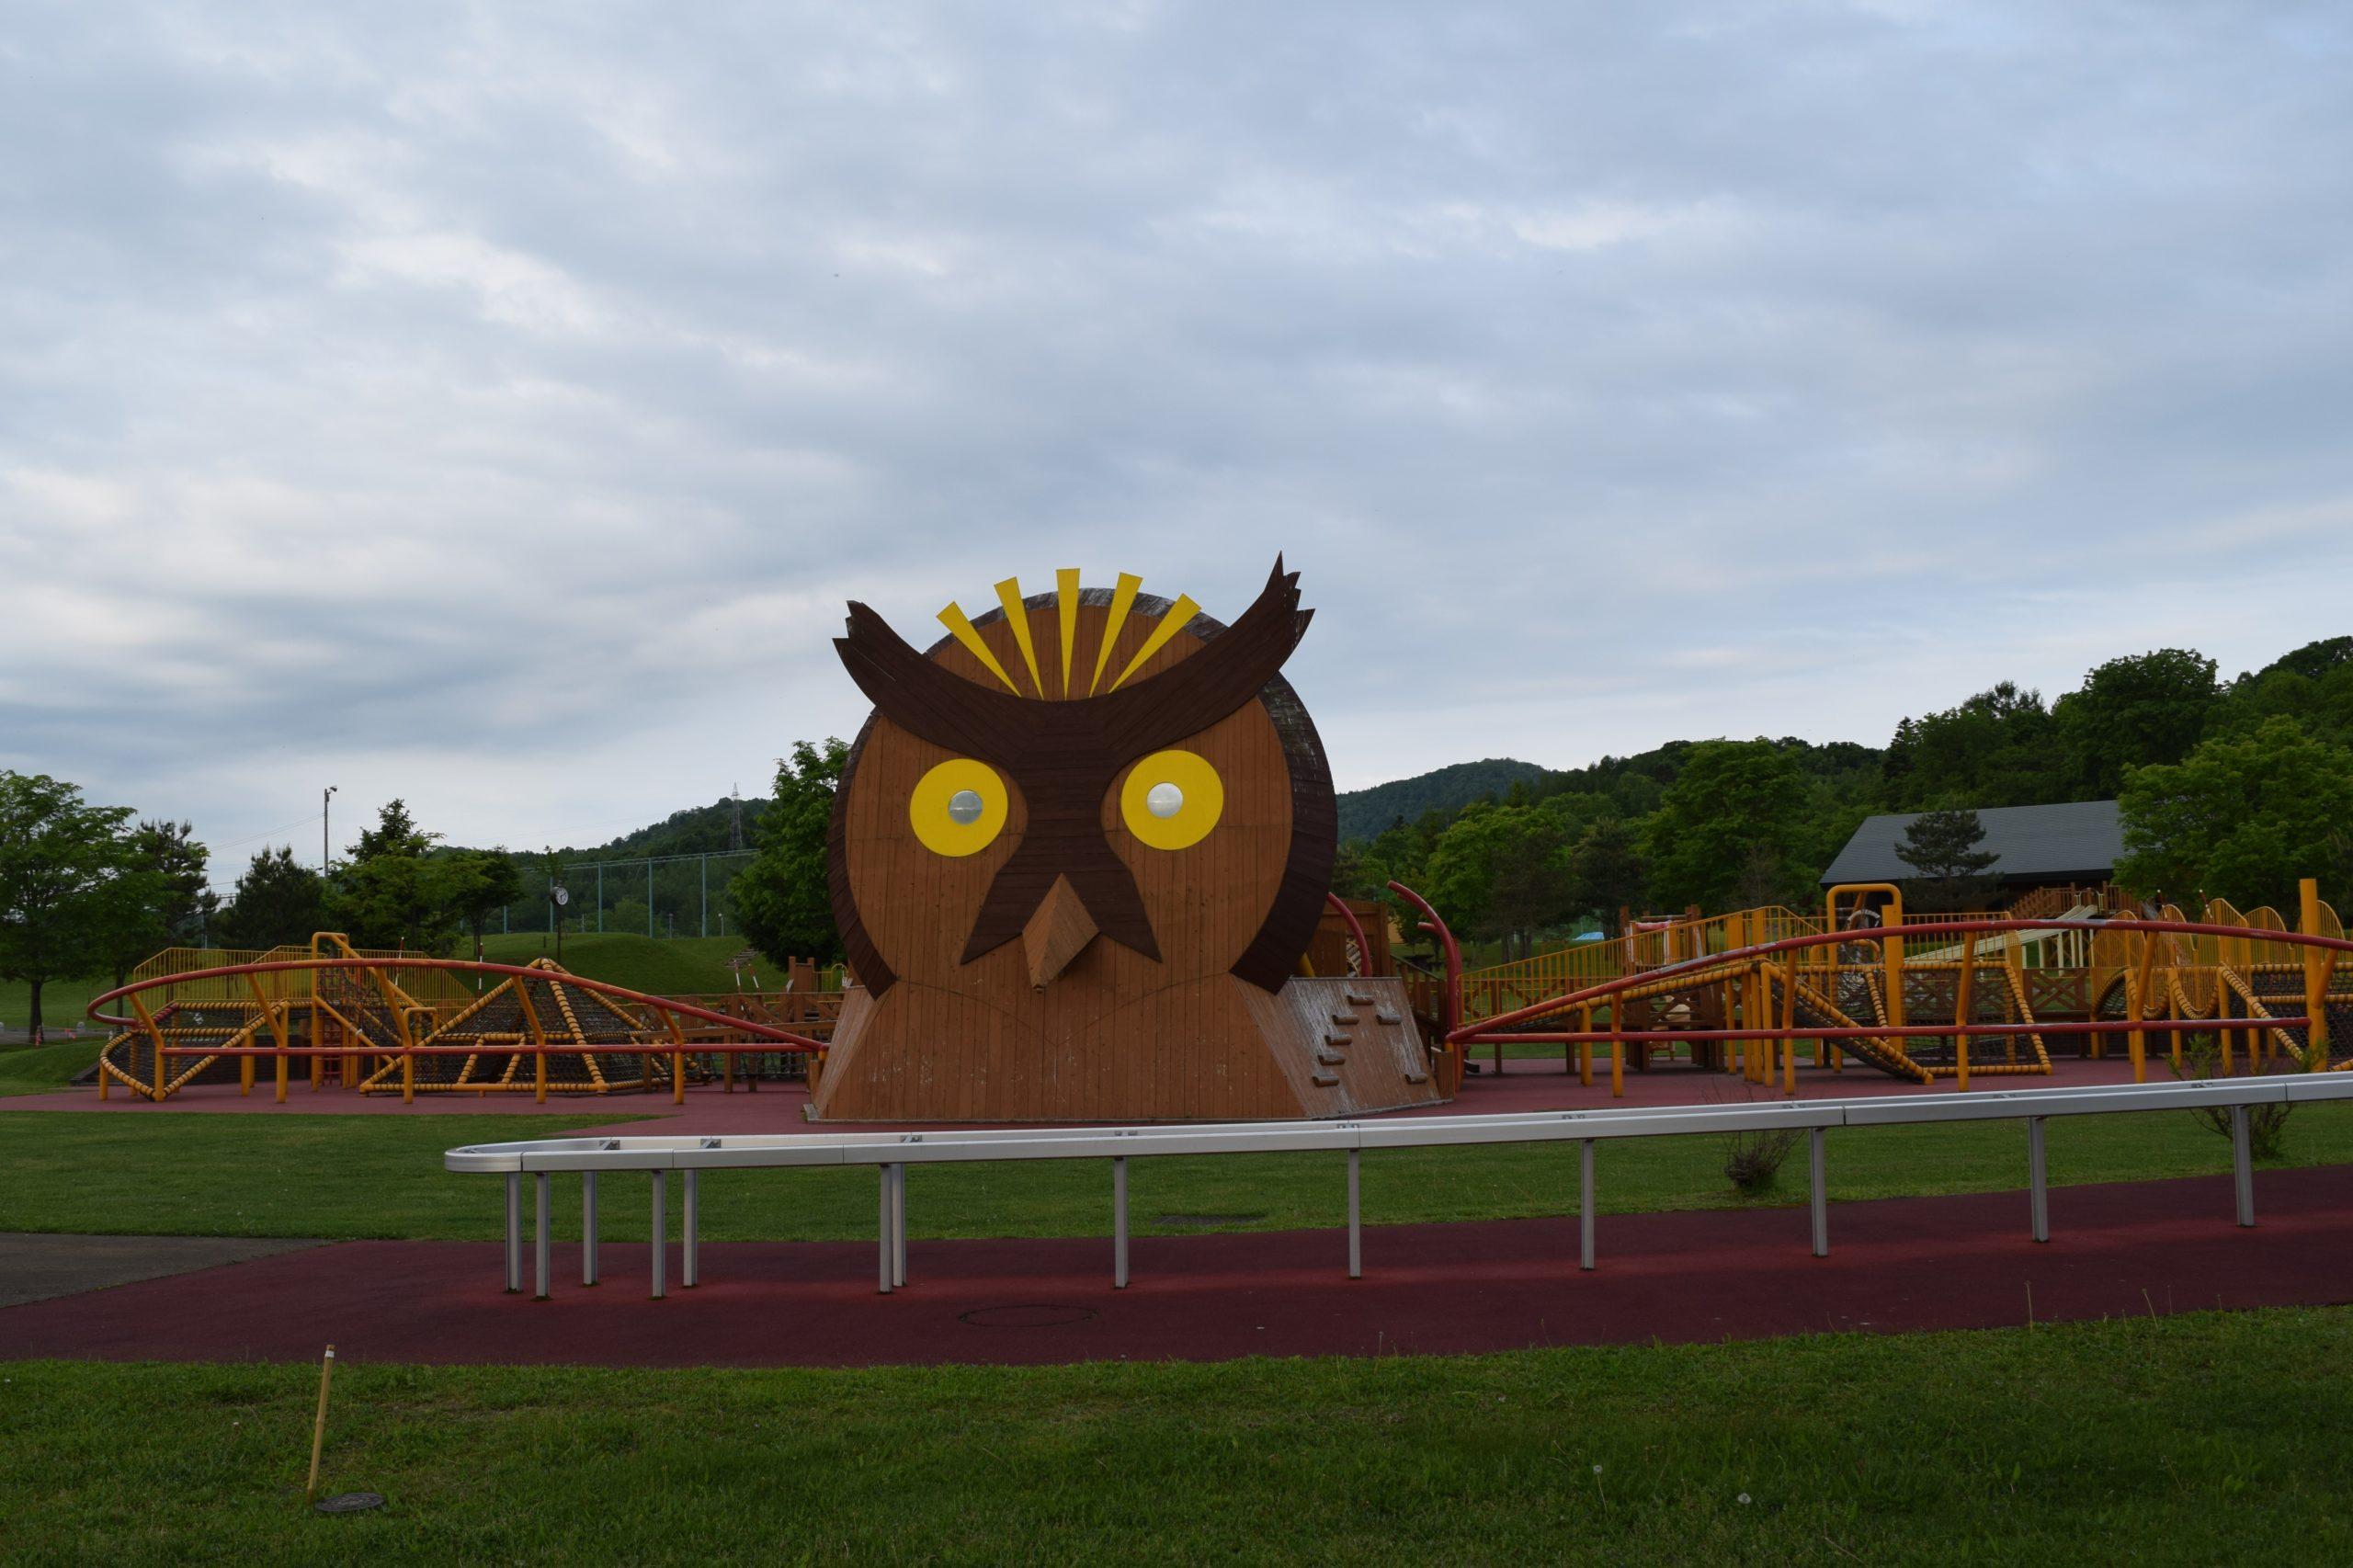 カムイの杜公園ふくろうをデザインした大型木製遊具